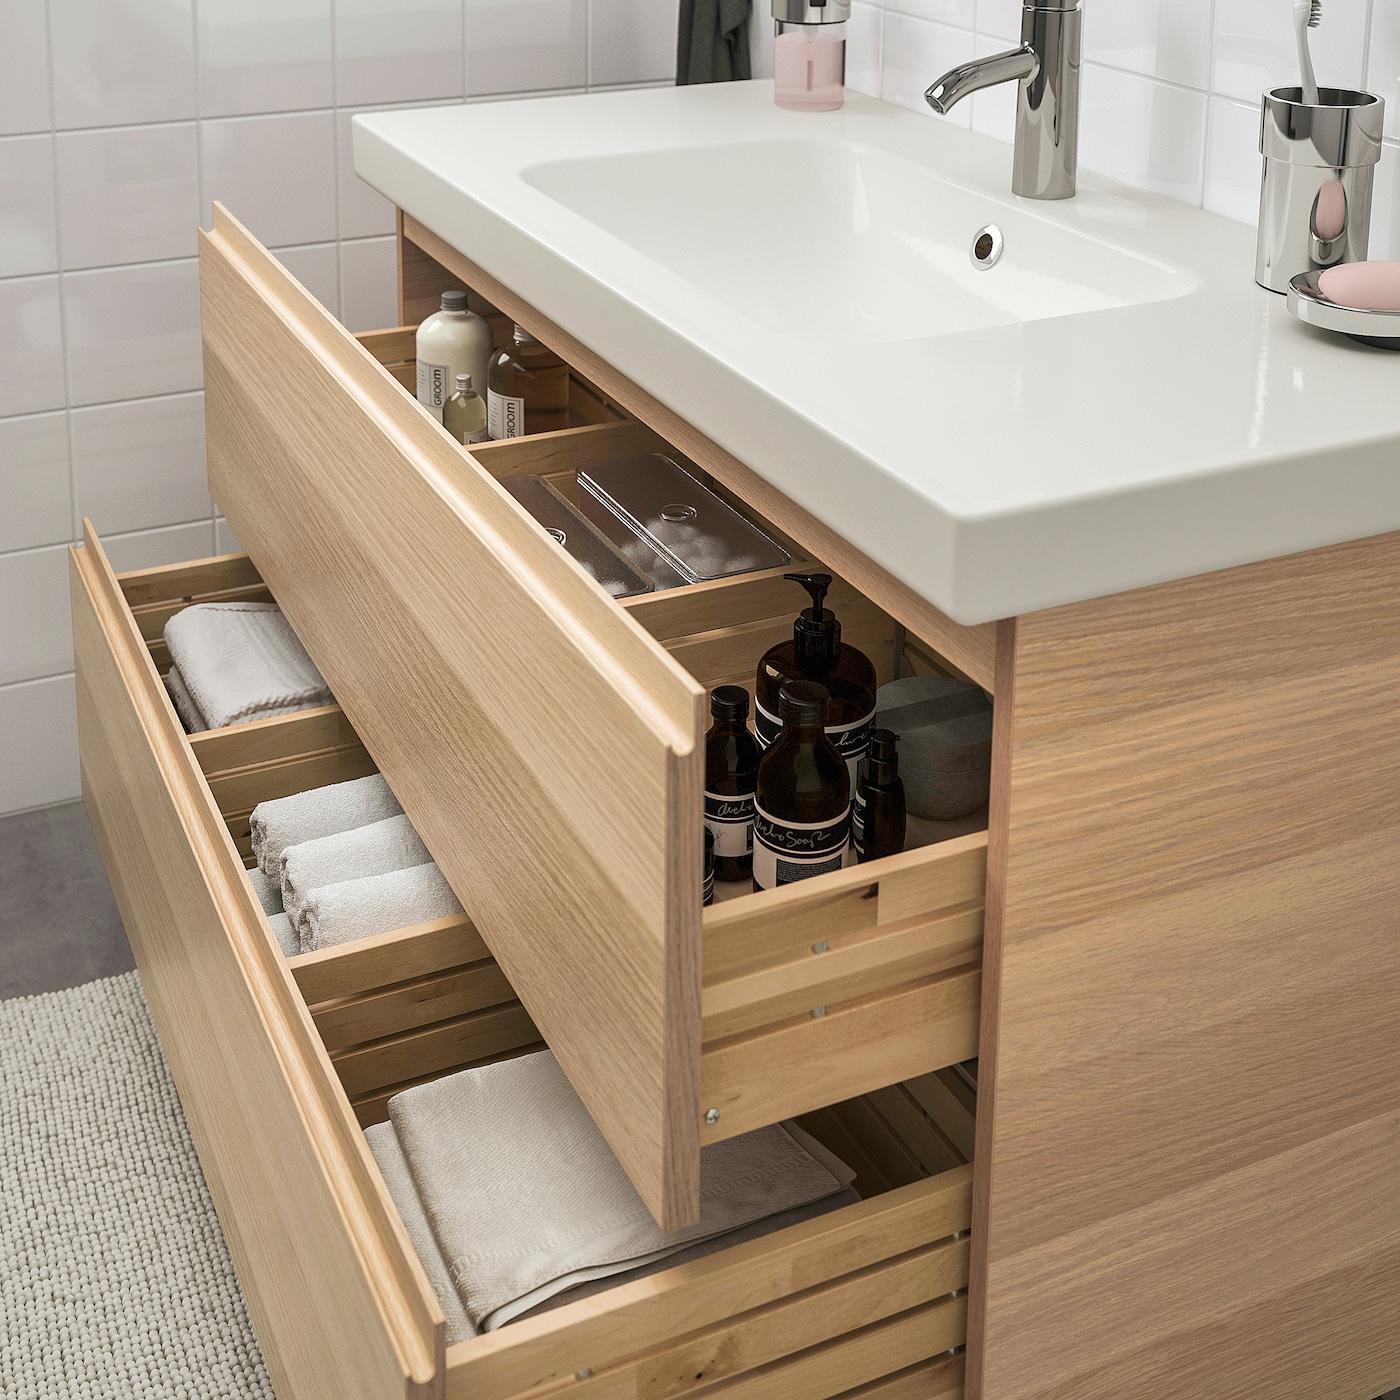 GODMORGON / ODENSVIK Bathroom furniture, set of 17 - white stained oak  effect, Dalskär tap 17 cm